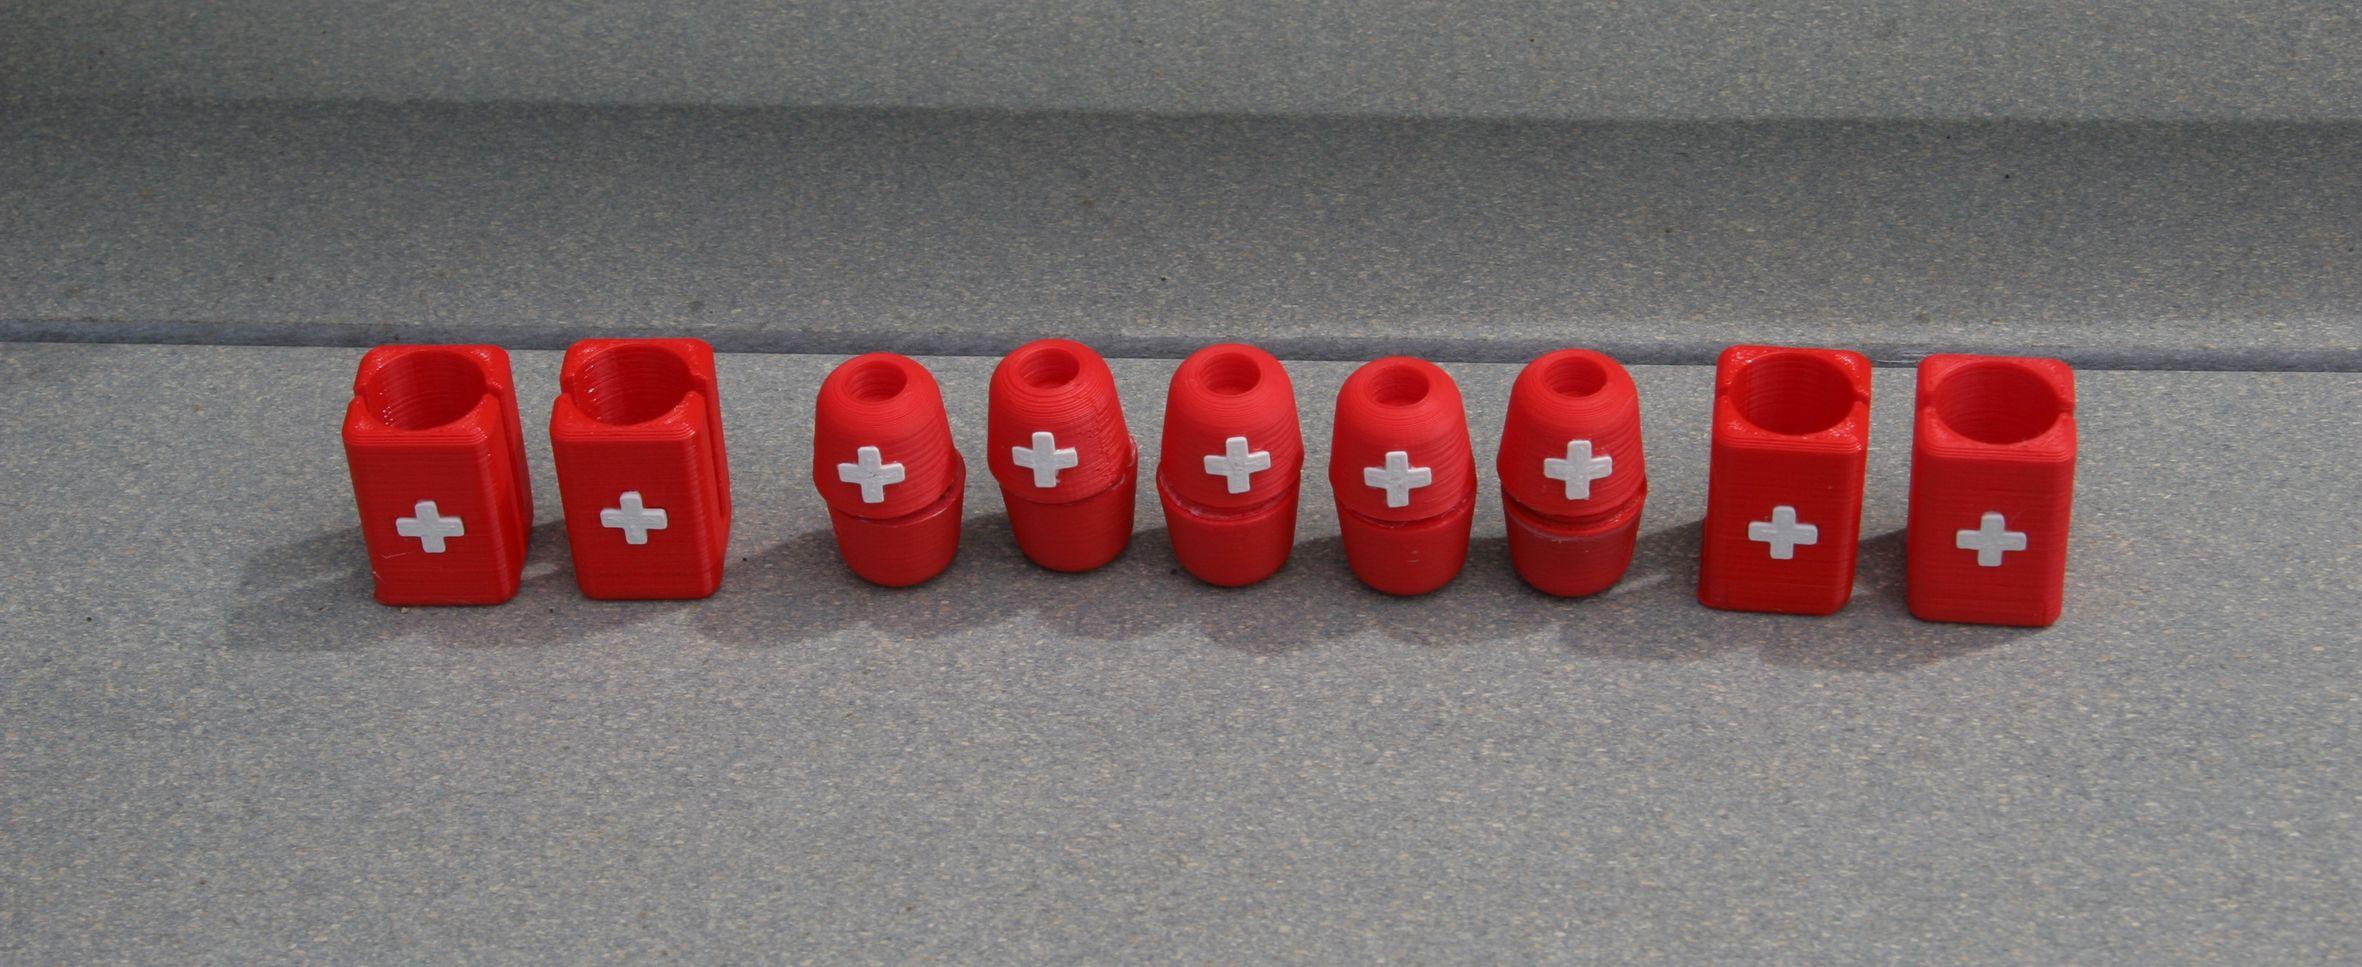 La guerre des boutons - Page 2 609420IMG6729